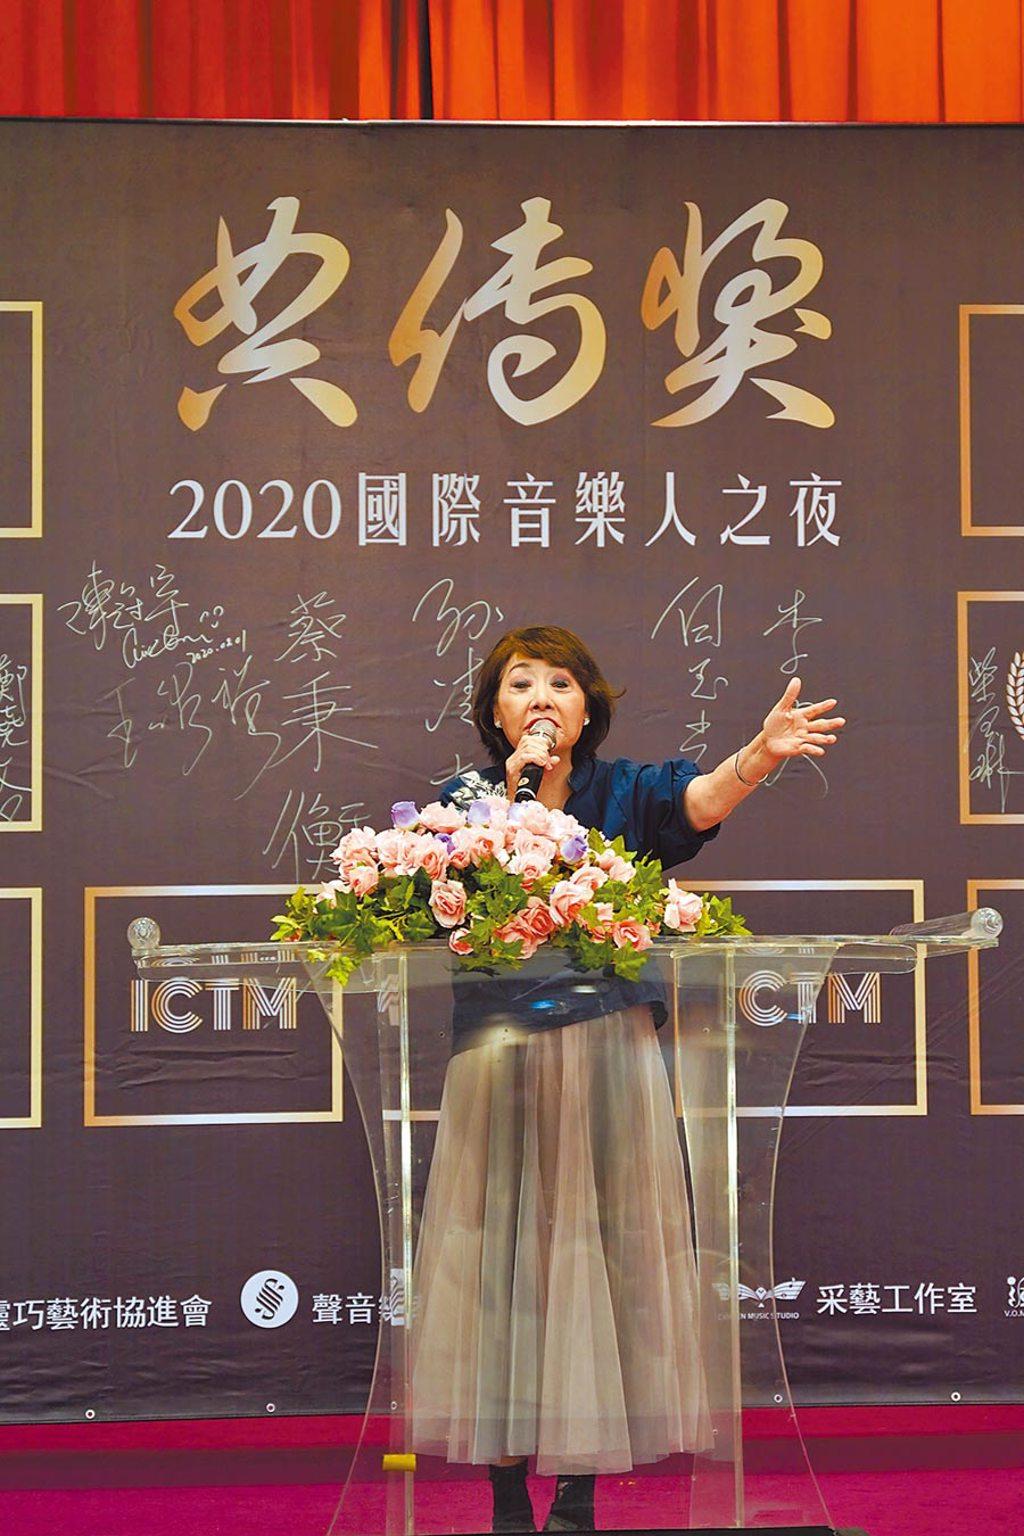 典傳獎大會主席呂麗莉期許古典音樂人才持續在舞台上發光發熱。(典傳獎提供)